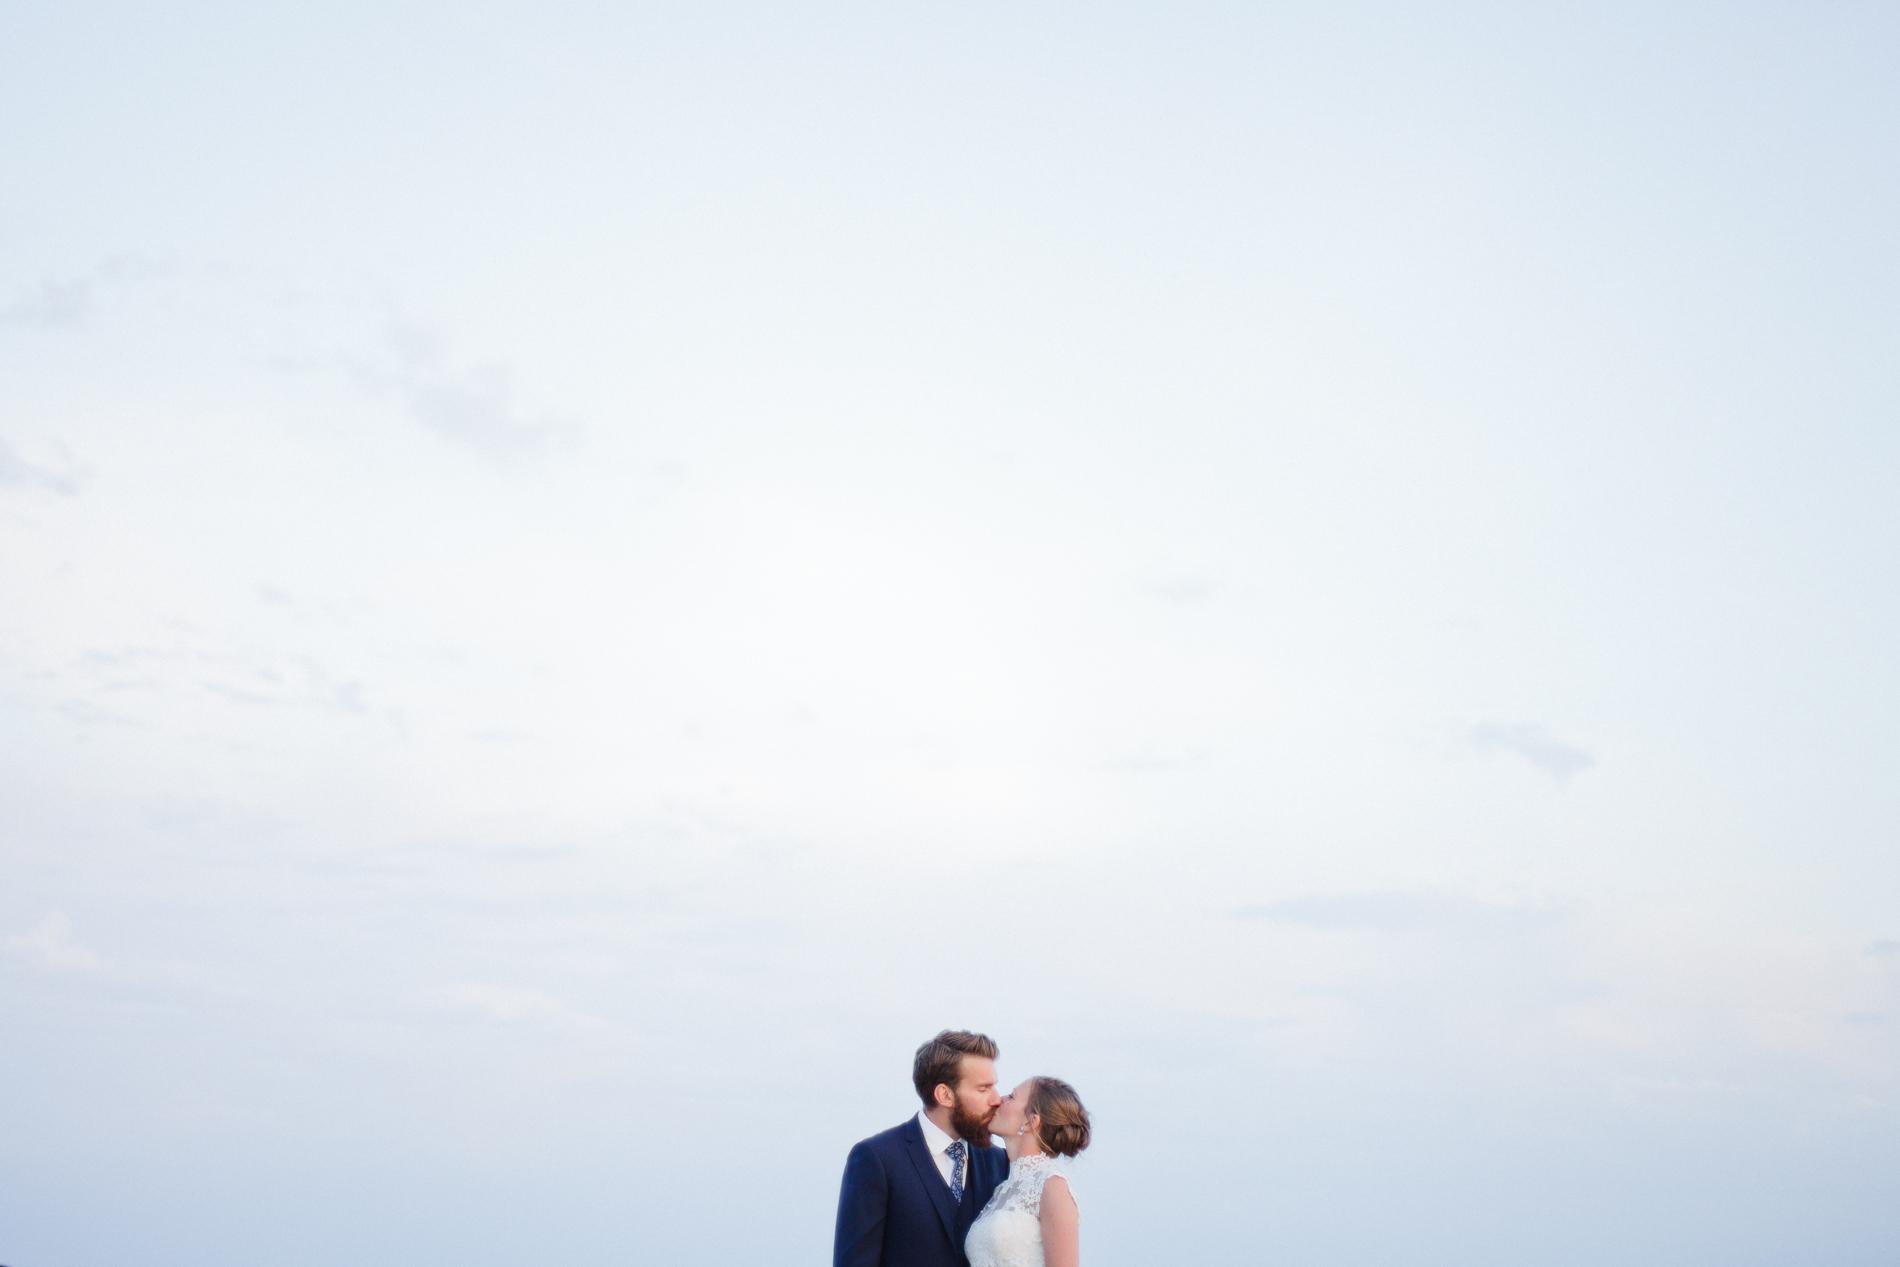 photographe-mariage-bretagne-maria-thomas-99